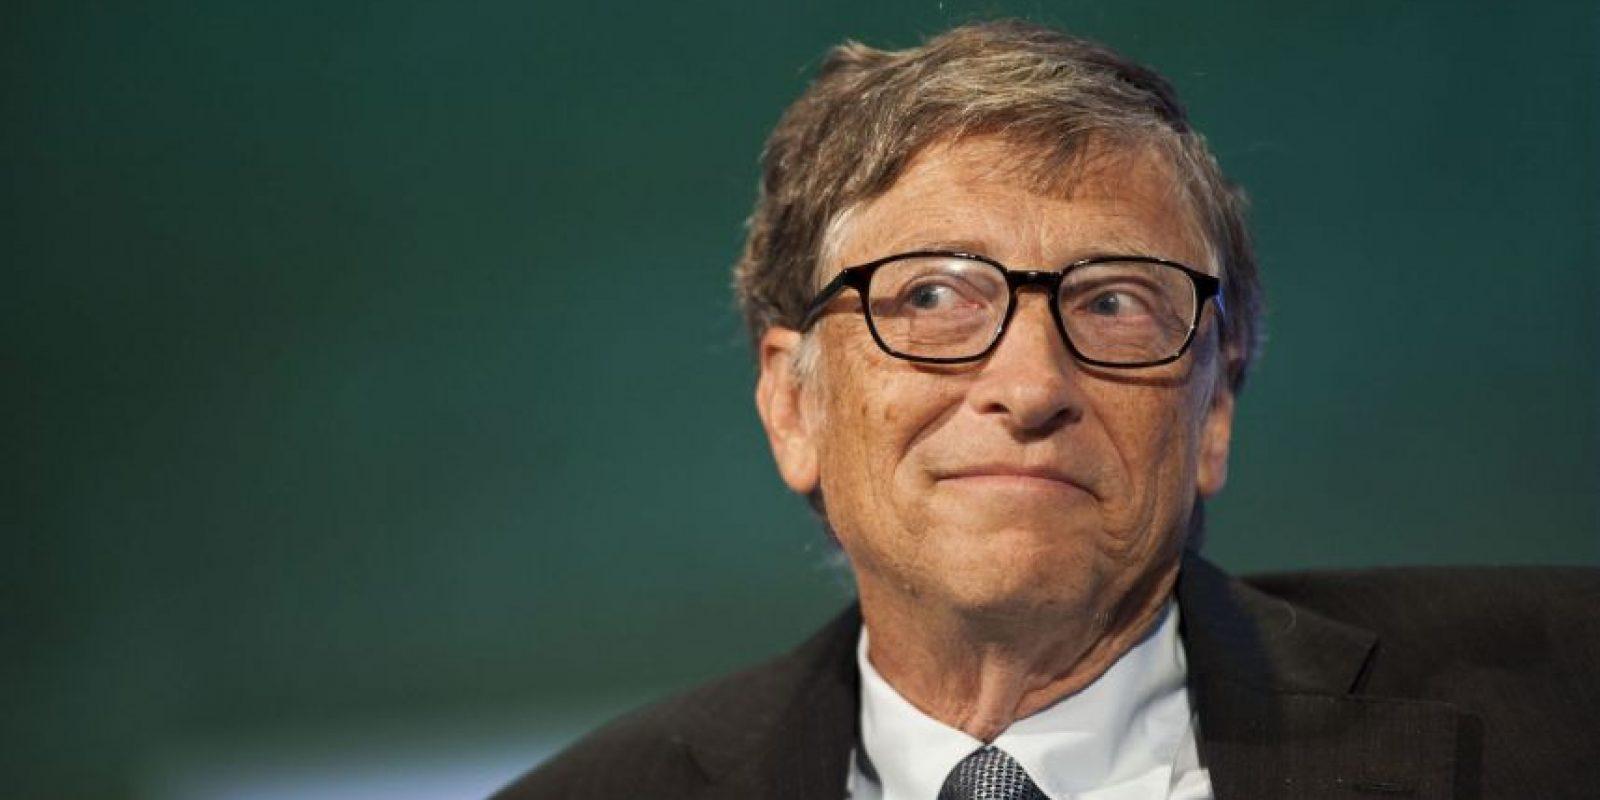 A pesar de todas las críticas que Microsoft tiene en su contra, Bill Gates sigue siendo el hombre más poderoso en el sector tecnológico. Su fortuna asciende a 79 mil 200 millones de dólares. Foto:Getty Images